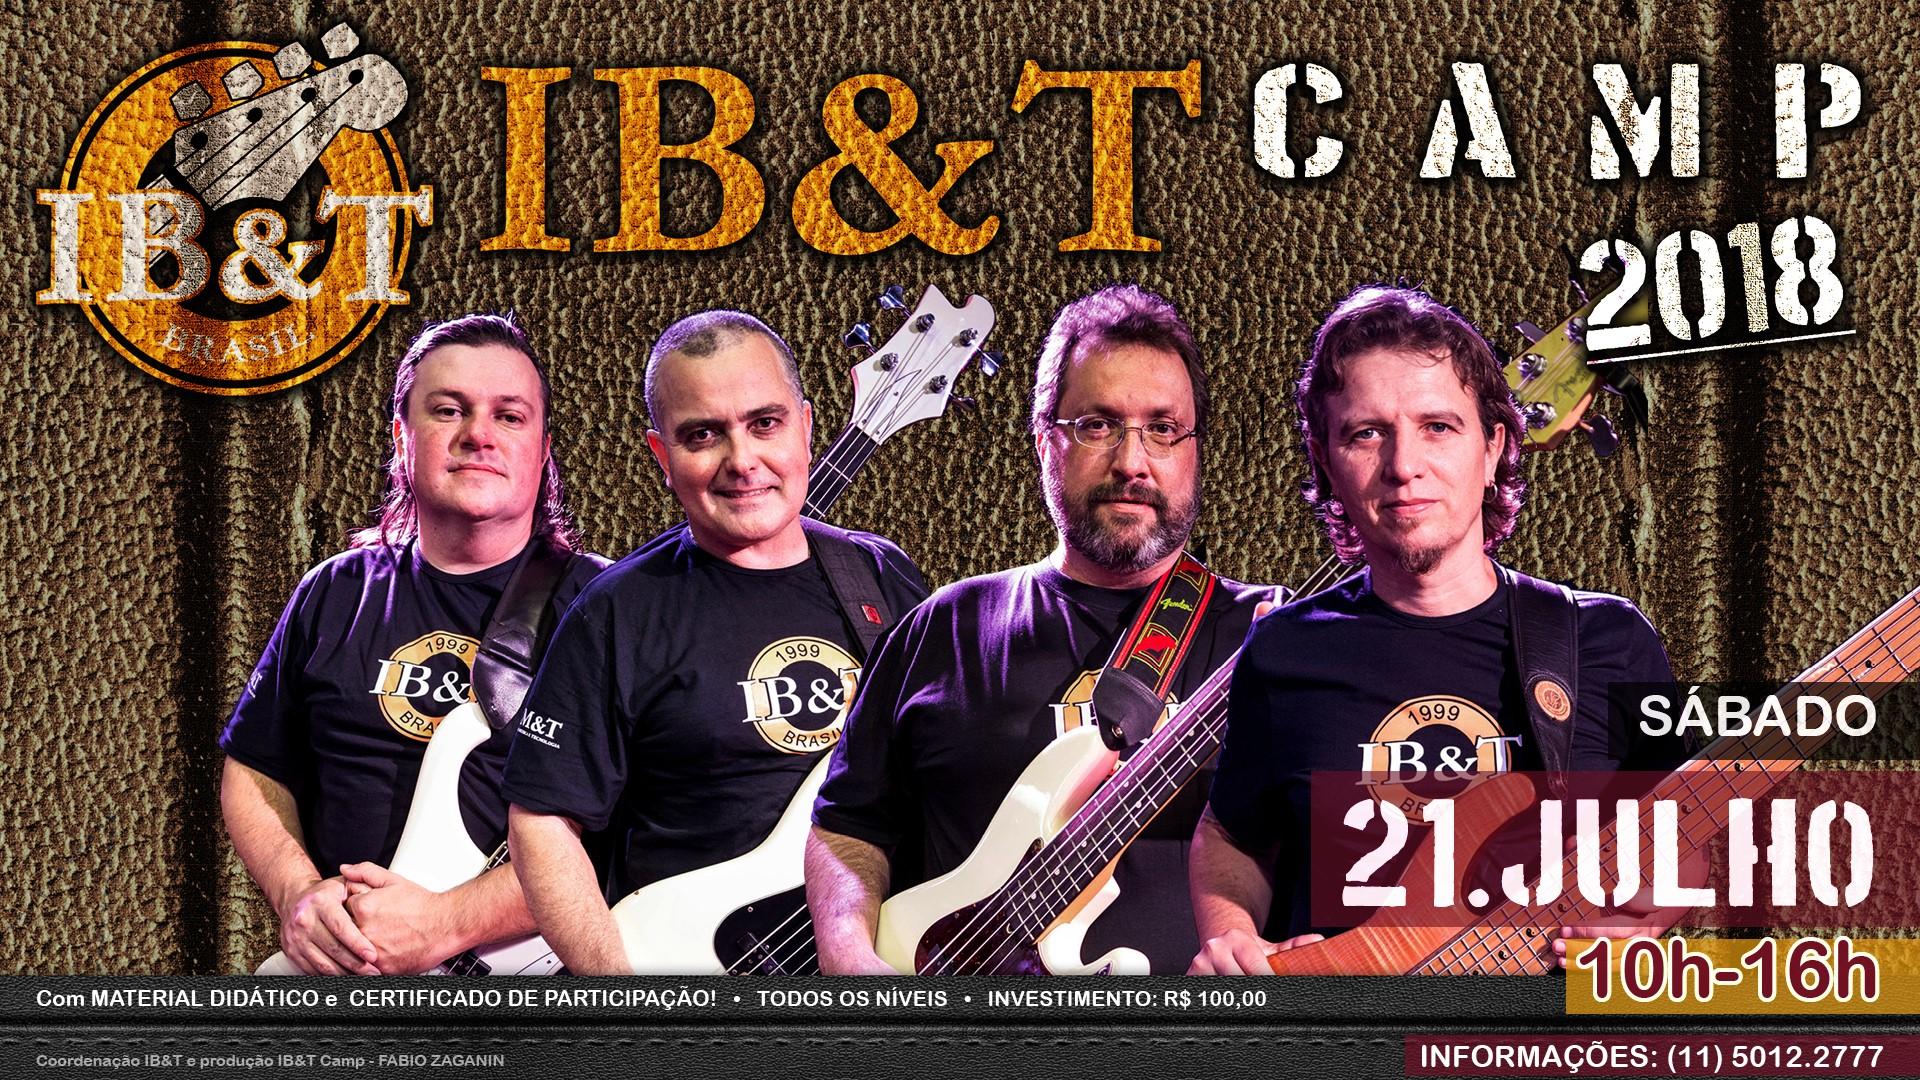 IB&T Camp 2018: aulas especiais de baixo